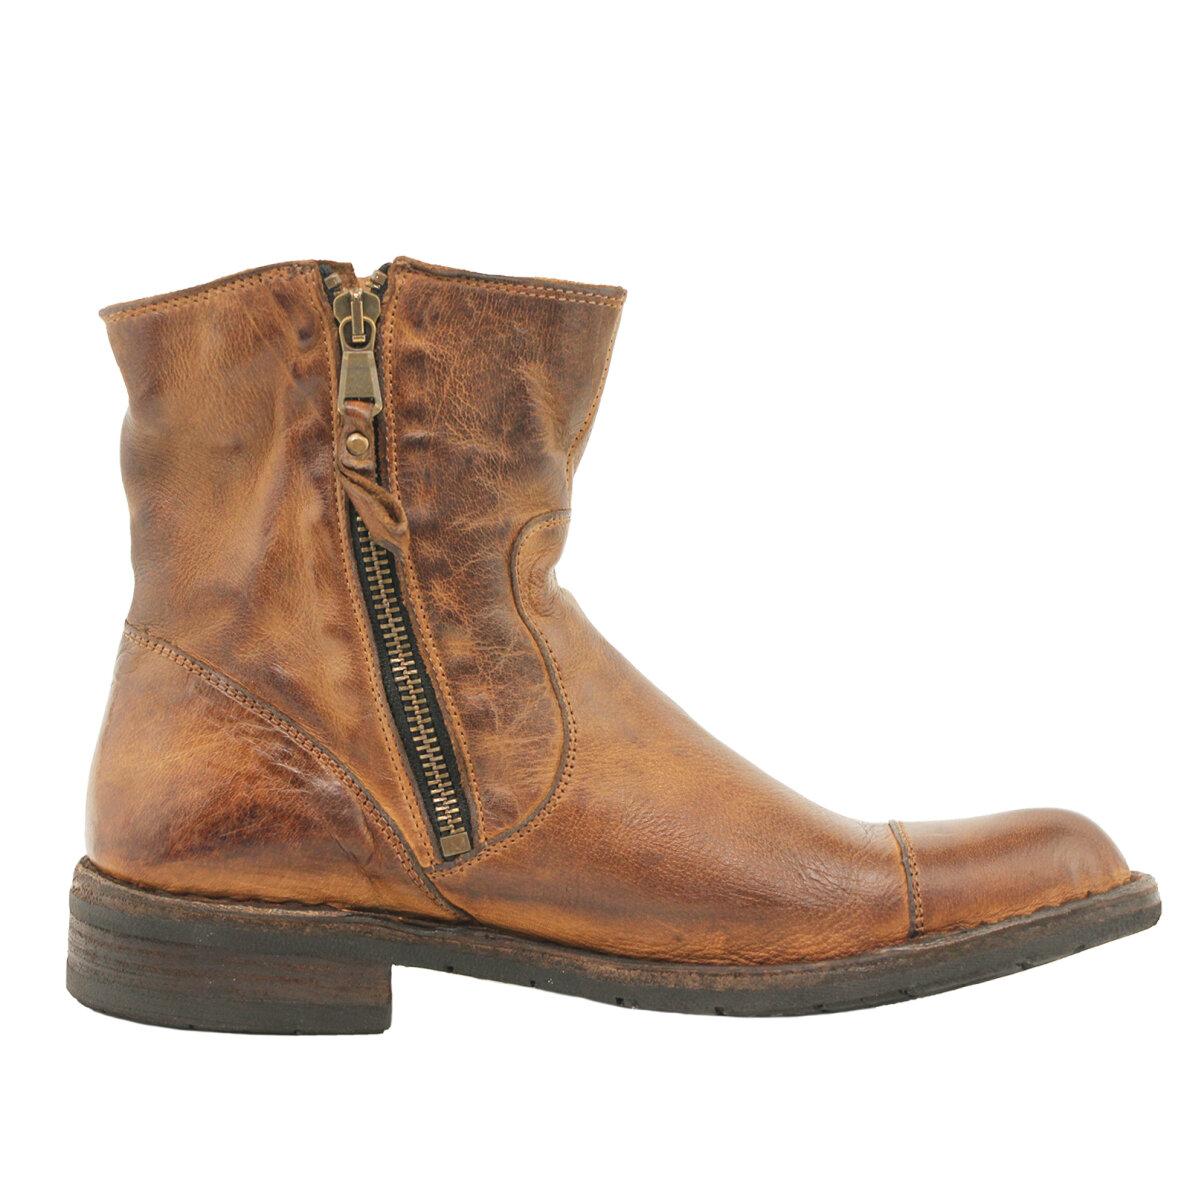 8352b5a8243 ... Bubetti - Bubetti 6682 lys brun damestøvle i skind ...